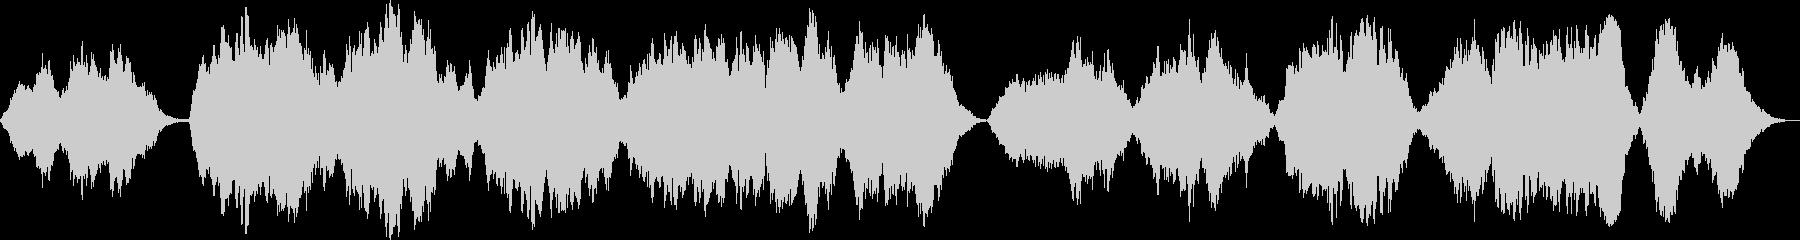 シネマティック センチメンタル ア...の未再生の波形